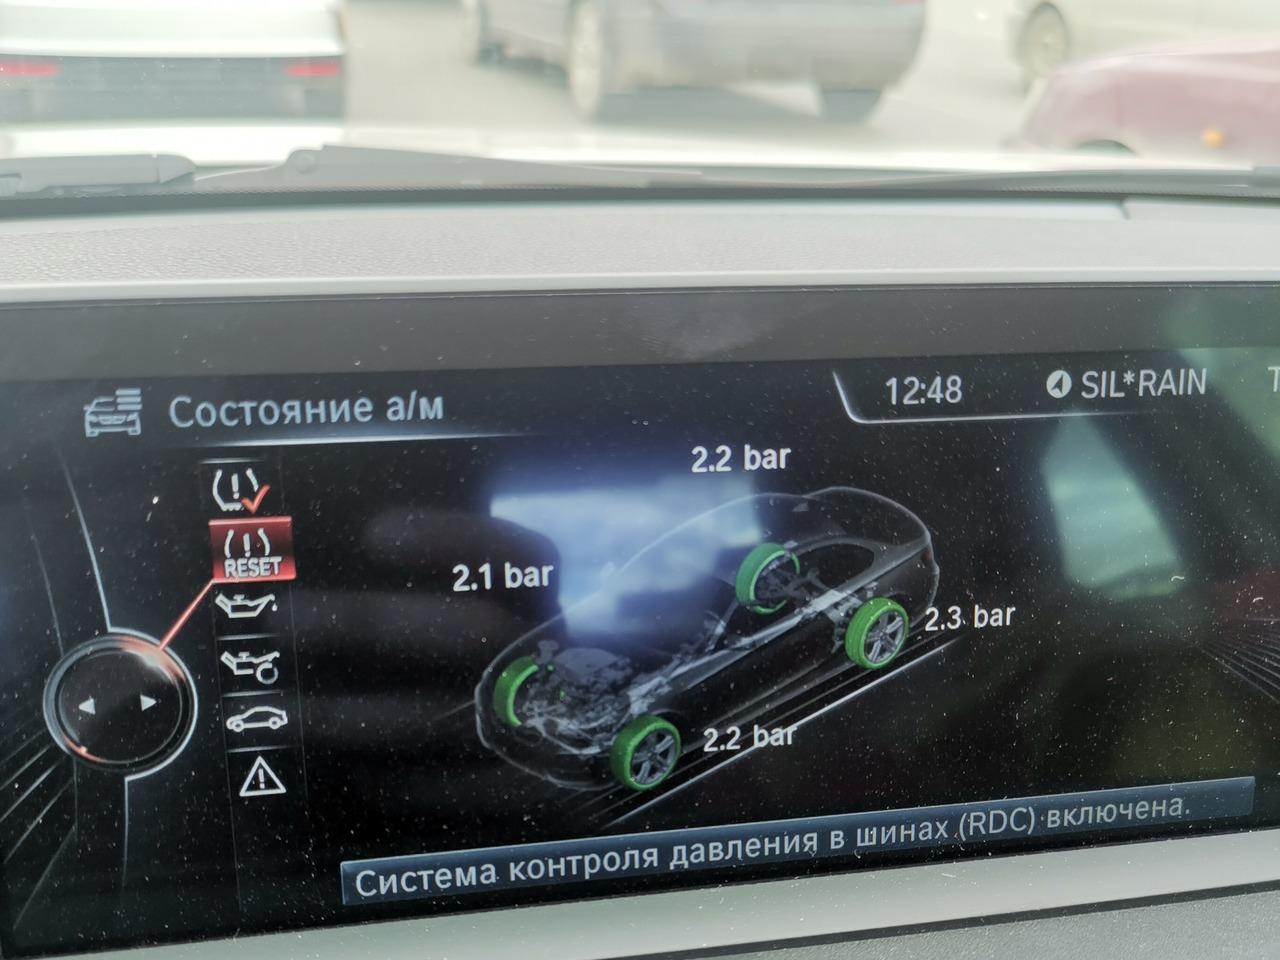 Система контроля давления в шинах RDC